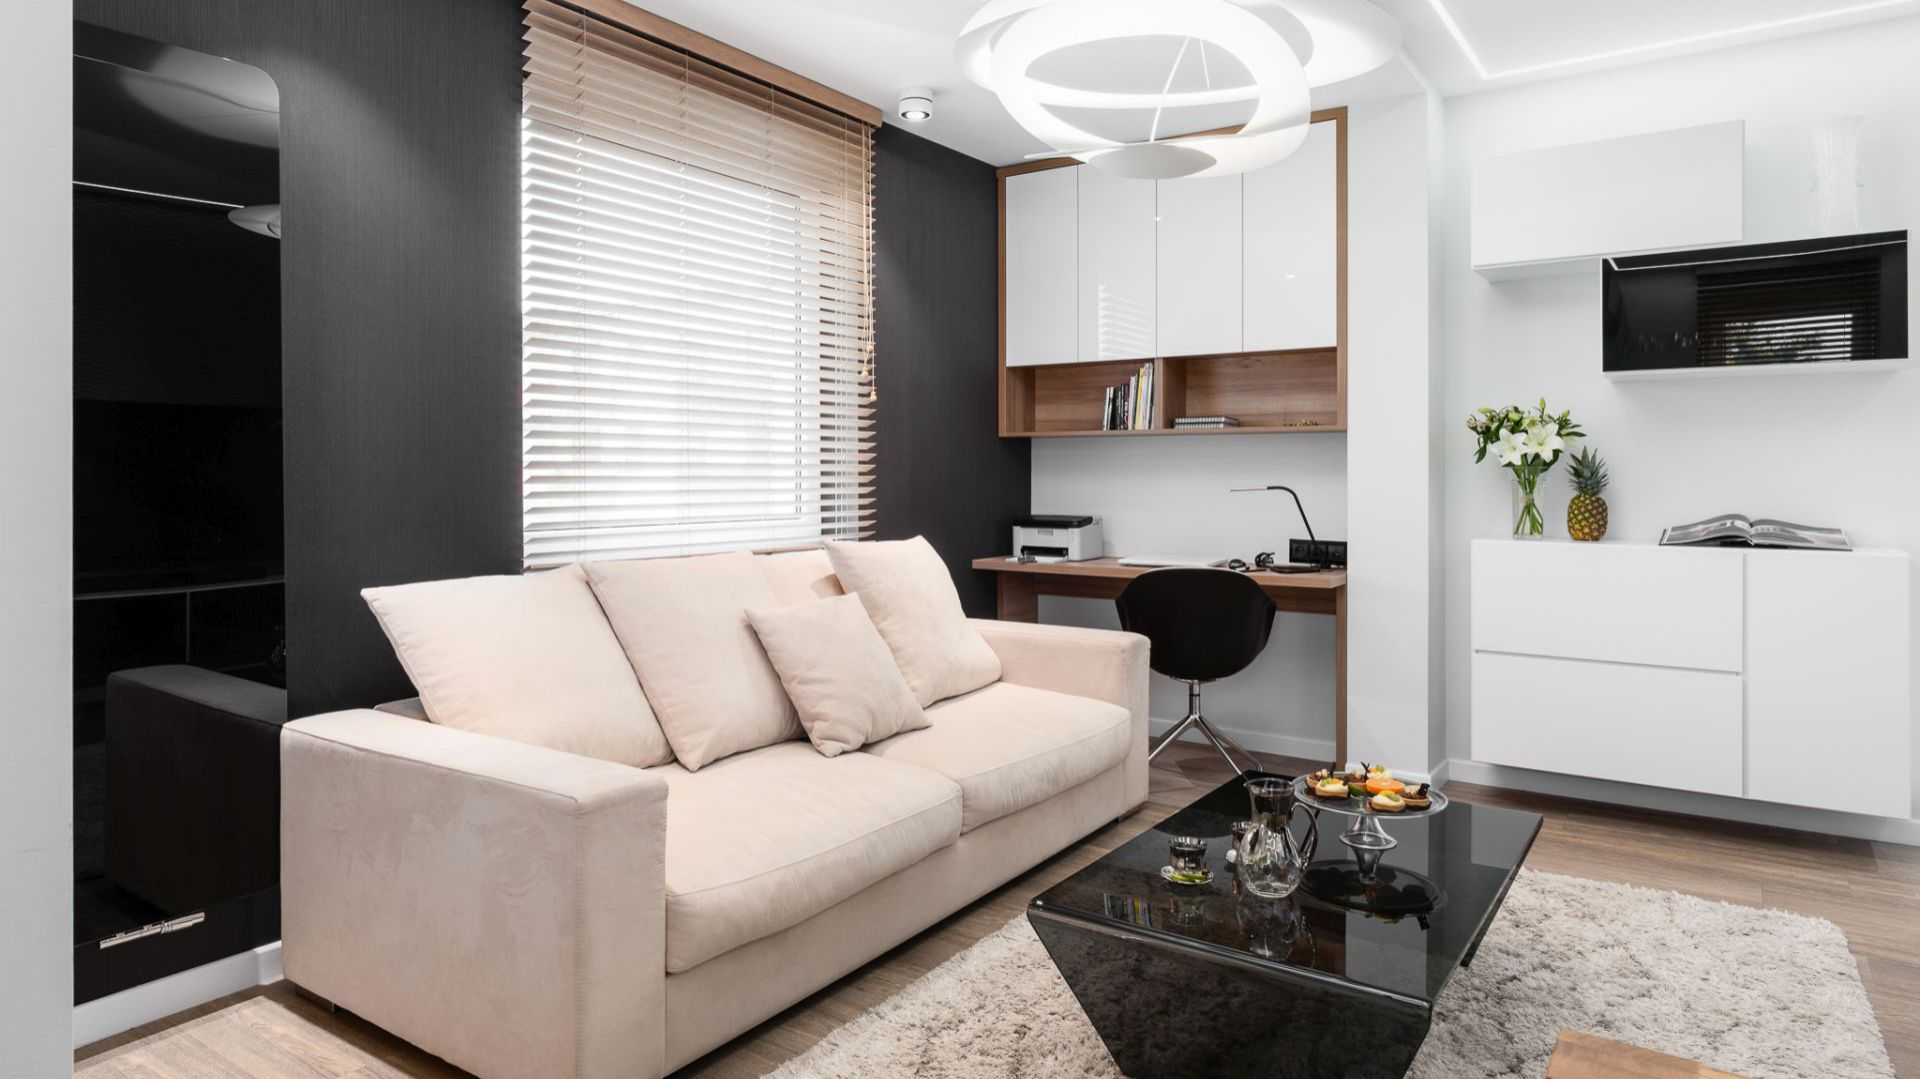 W salonie wygospodarowano miejsce na kącik do pracy. Projekt: Estera i Robert Sosnowscy / Studio Projekt. Zdjęcia: Fotomohito